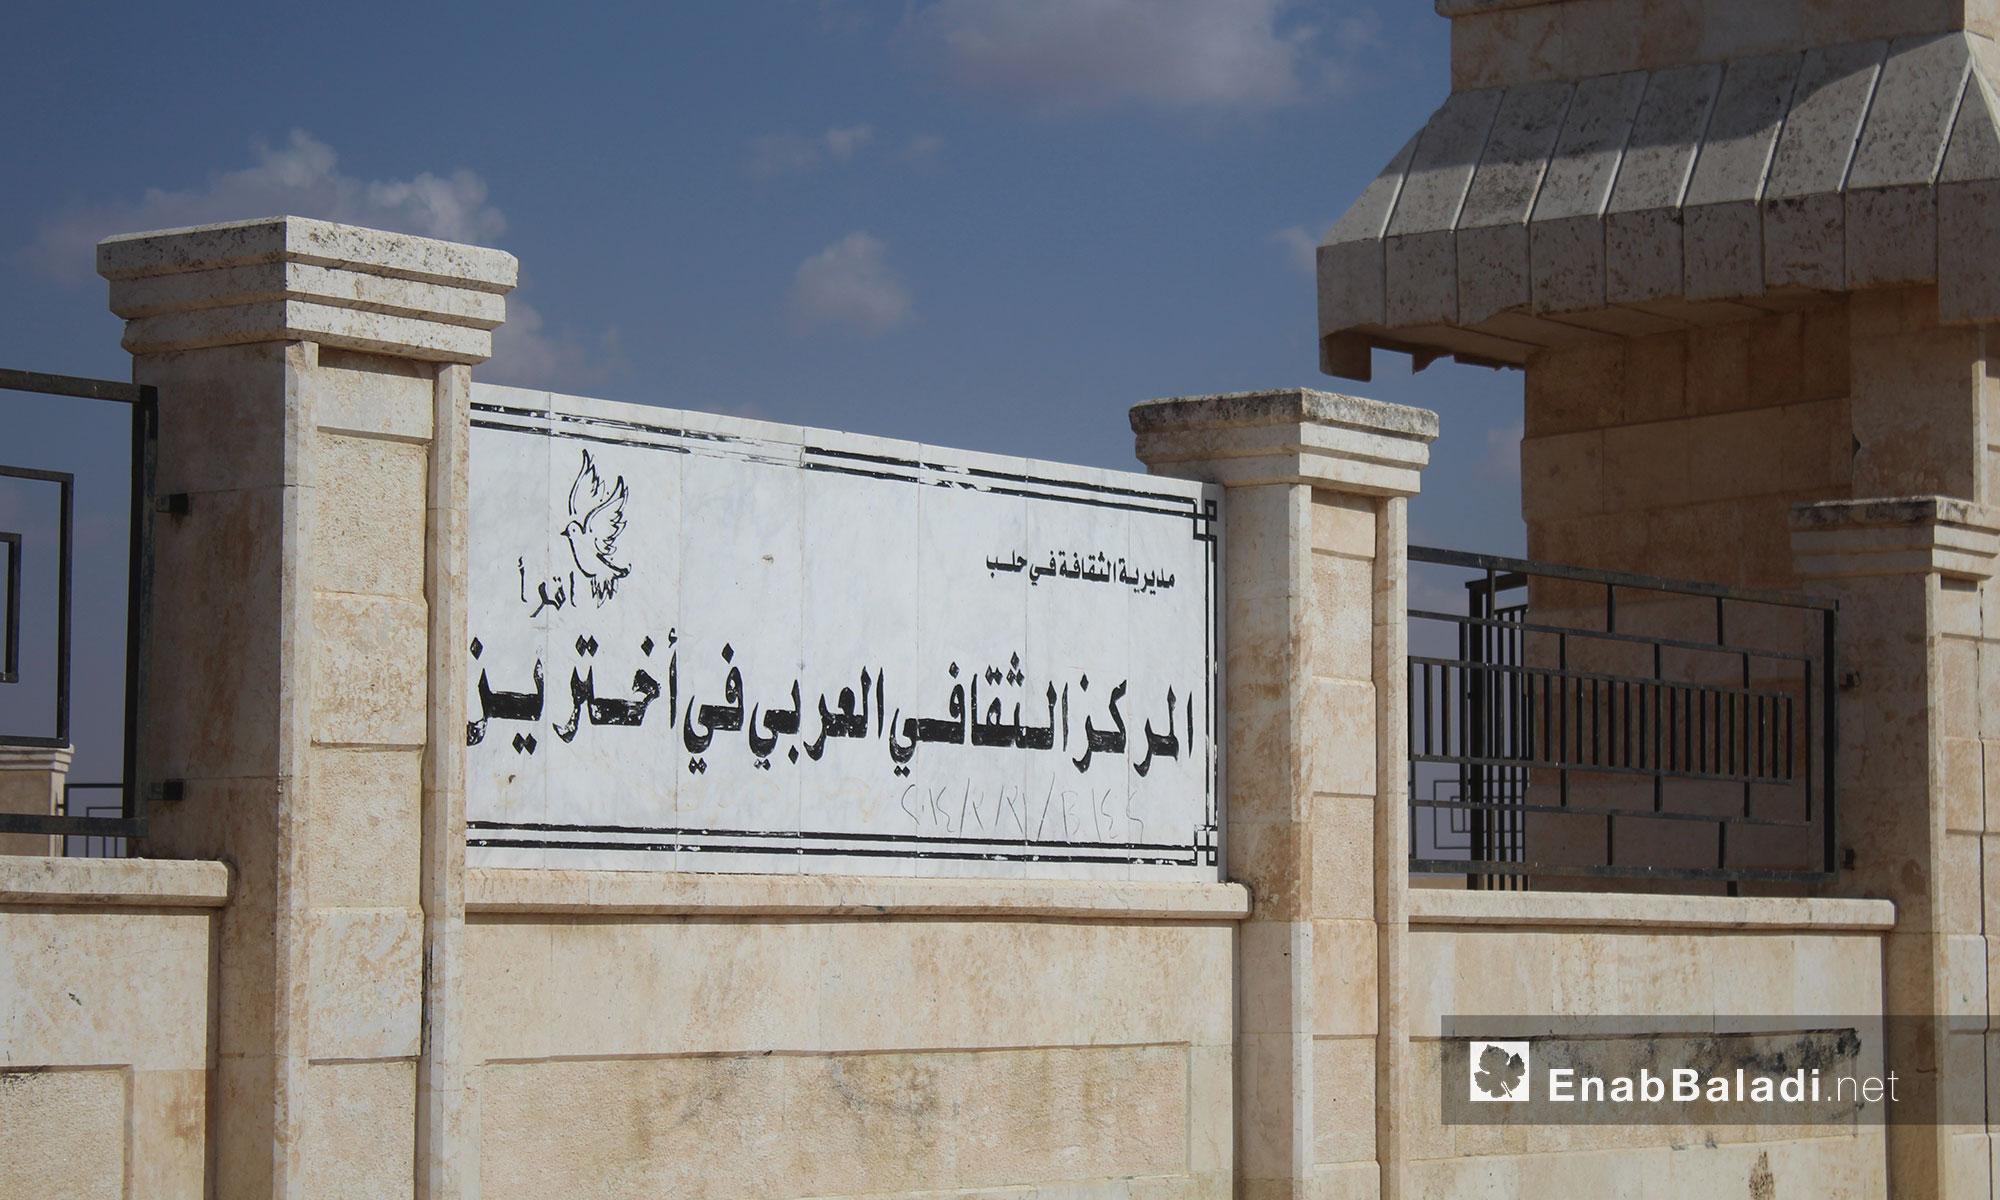 المركز الثقافي في بلدة أخترين بريف حلب الشمالي - 11 كانون الأول 2016 (عنب بلدي)